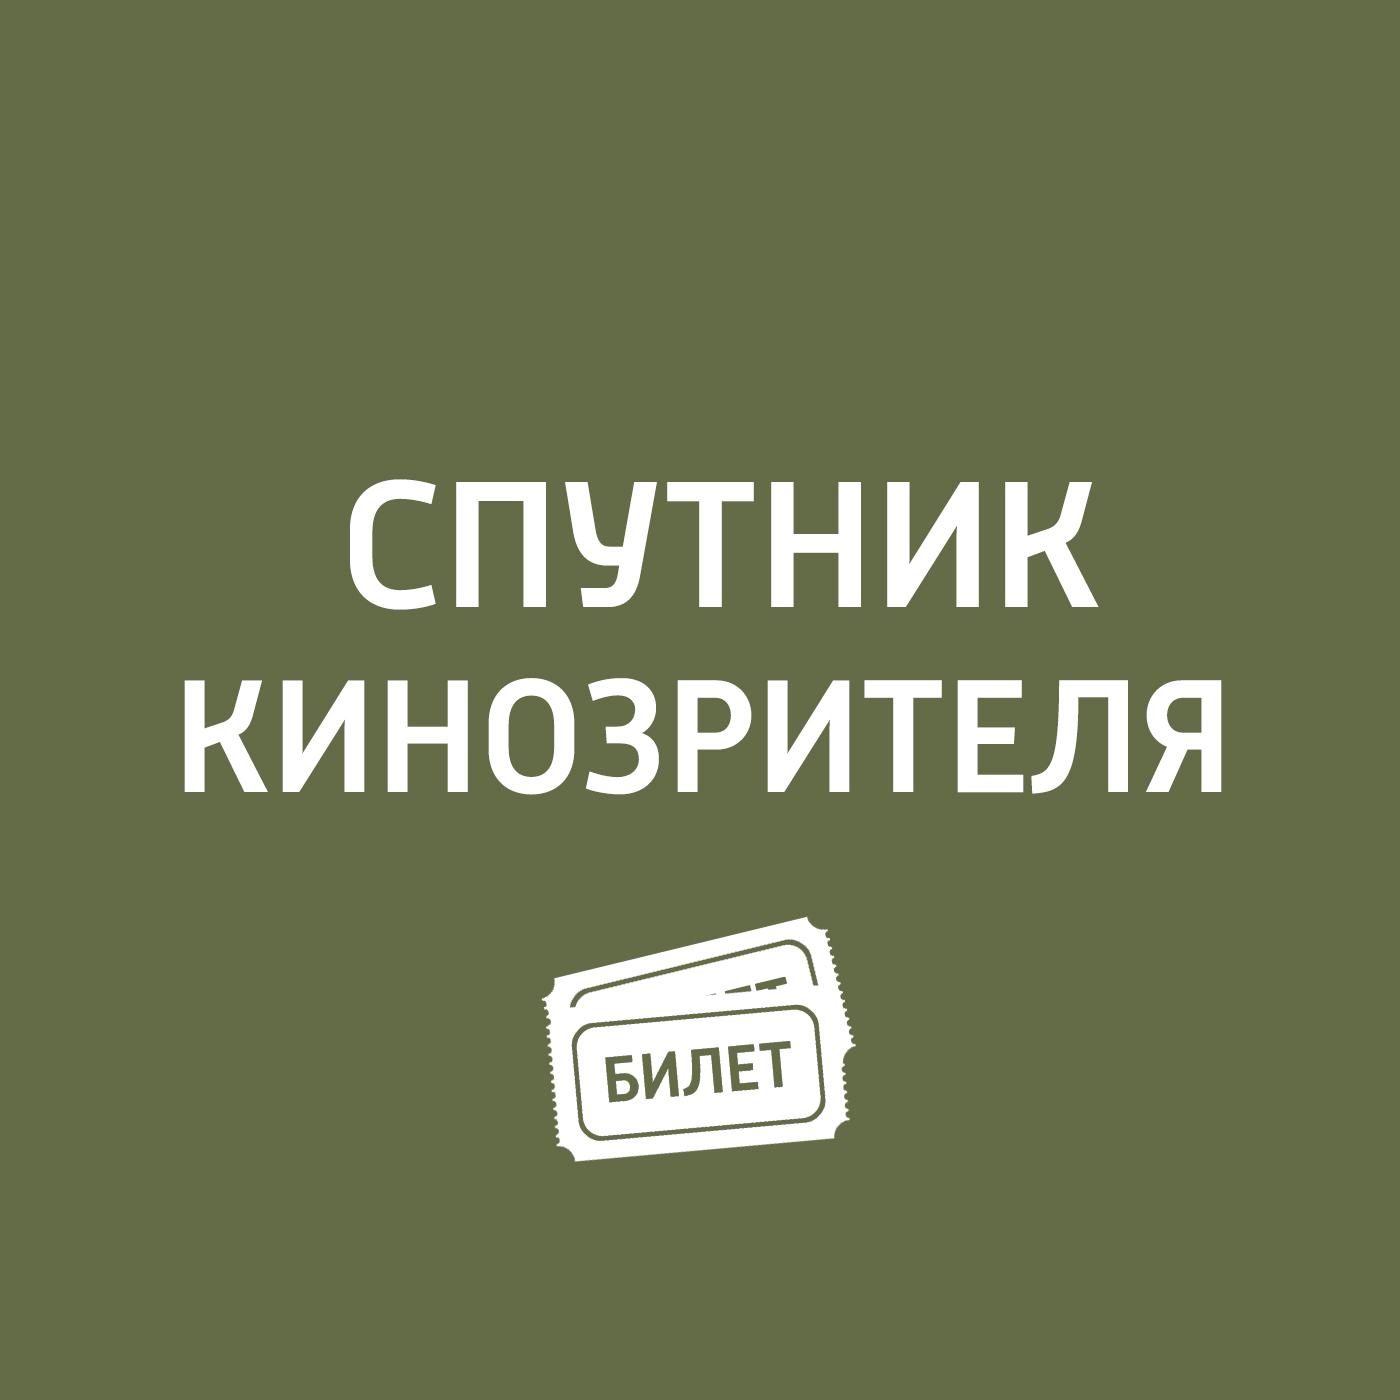 Антон Долин Новинки кино с 29 января 2015: «Охотник на лис